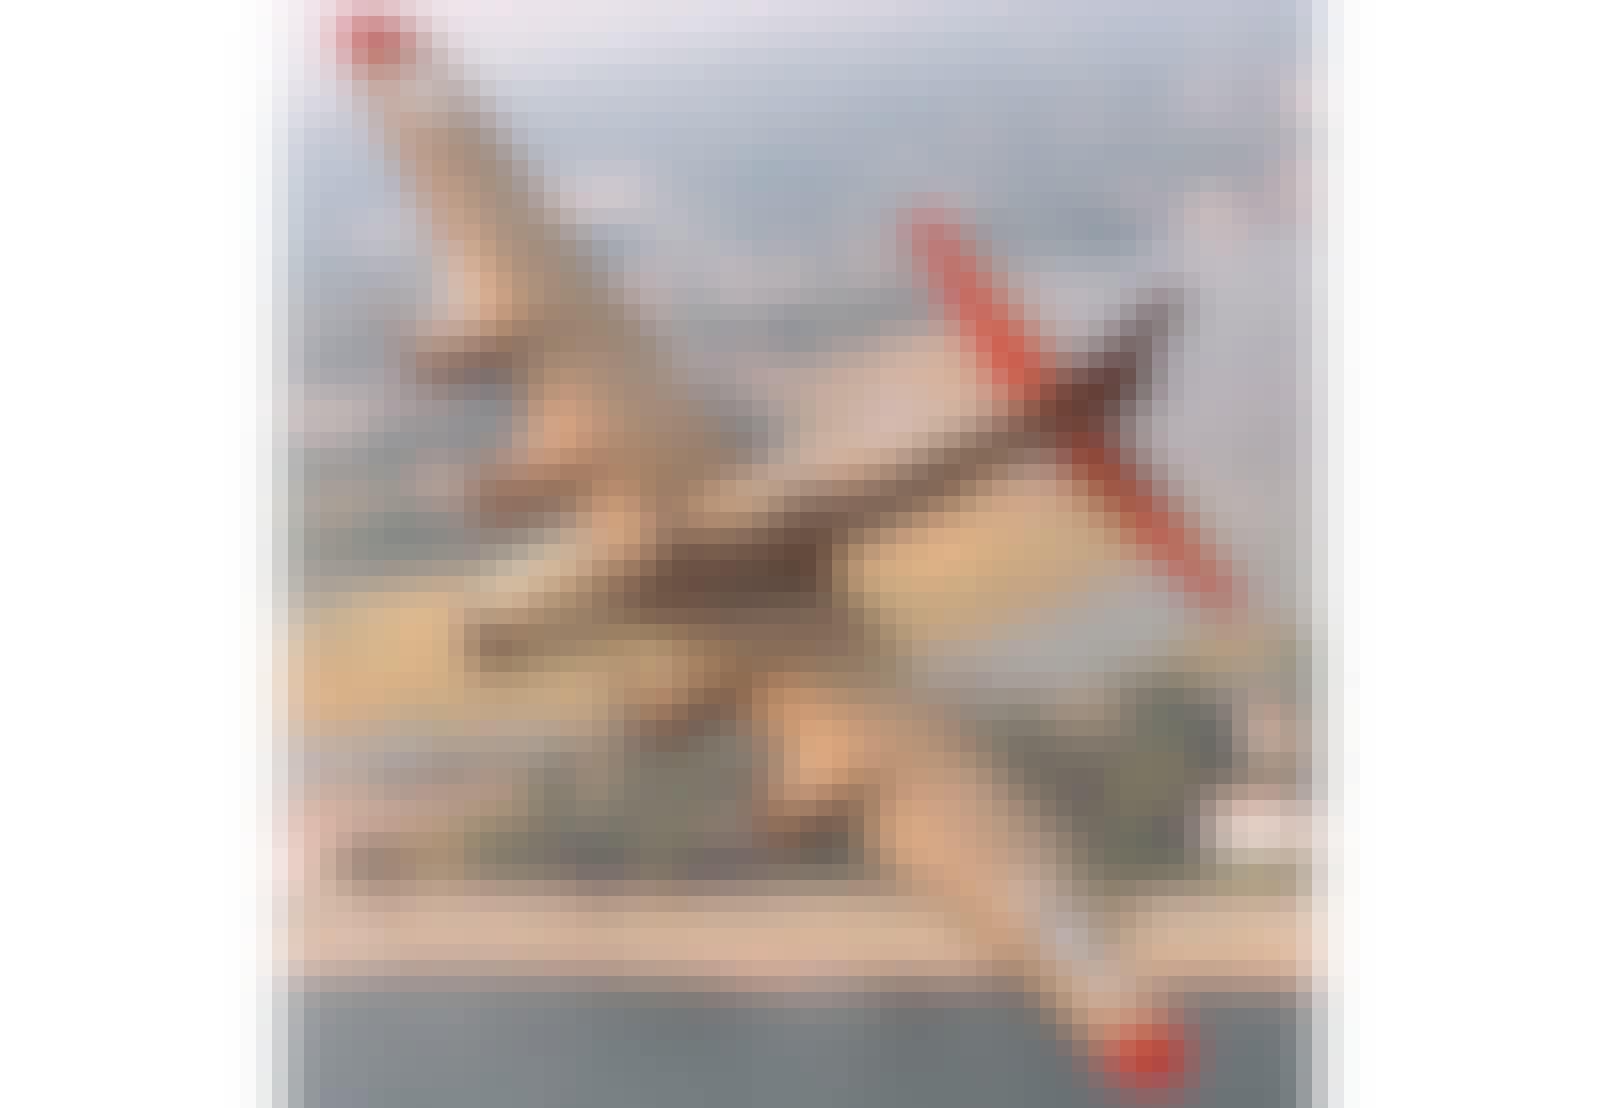 b-17 uppvisning